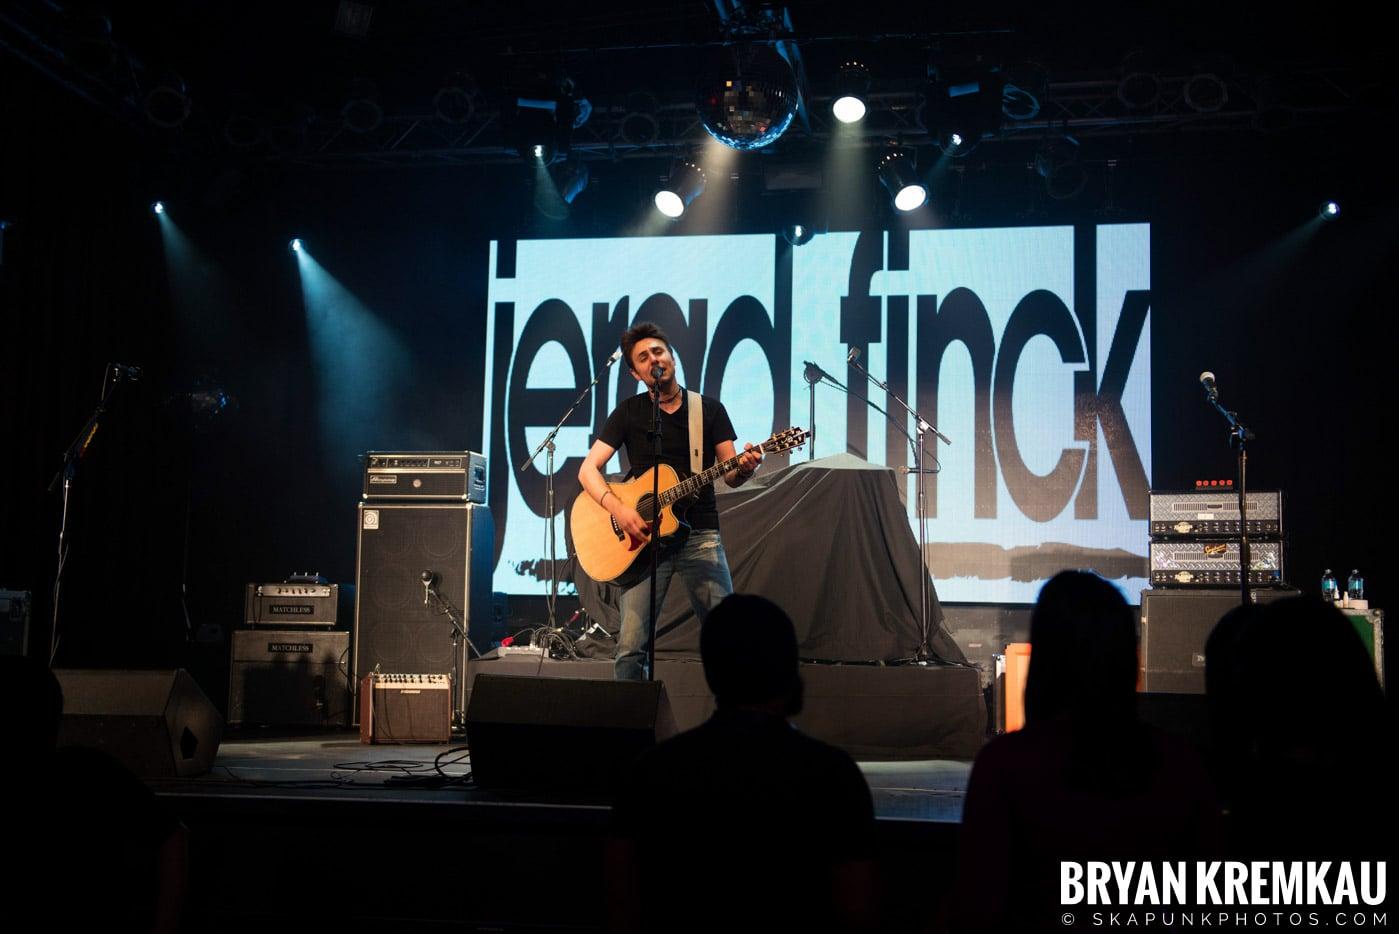 Jerad Finck @ Highline Ballroom, NYC - 2.20.13 (18)